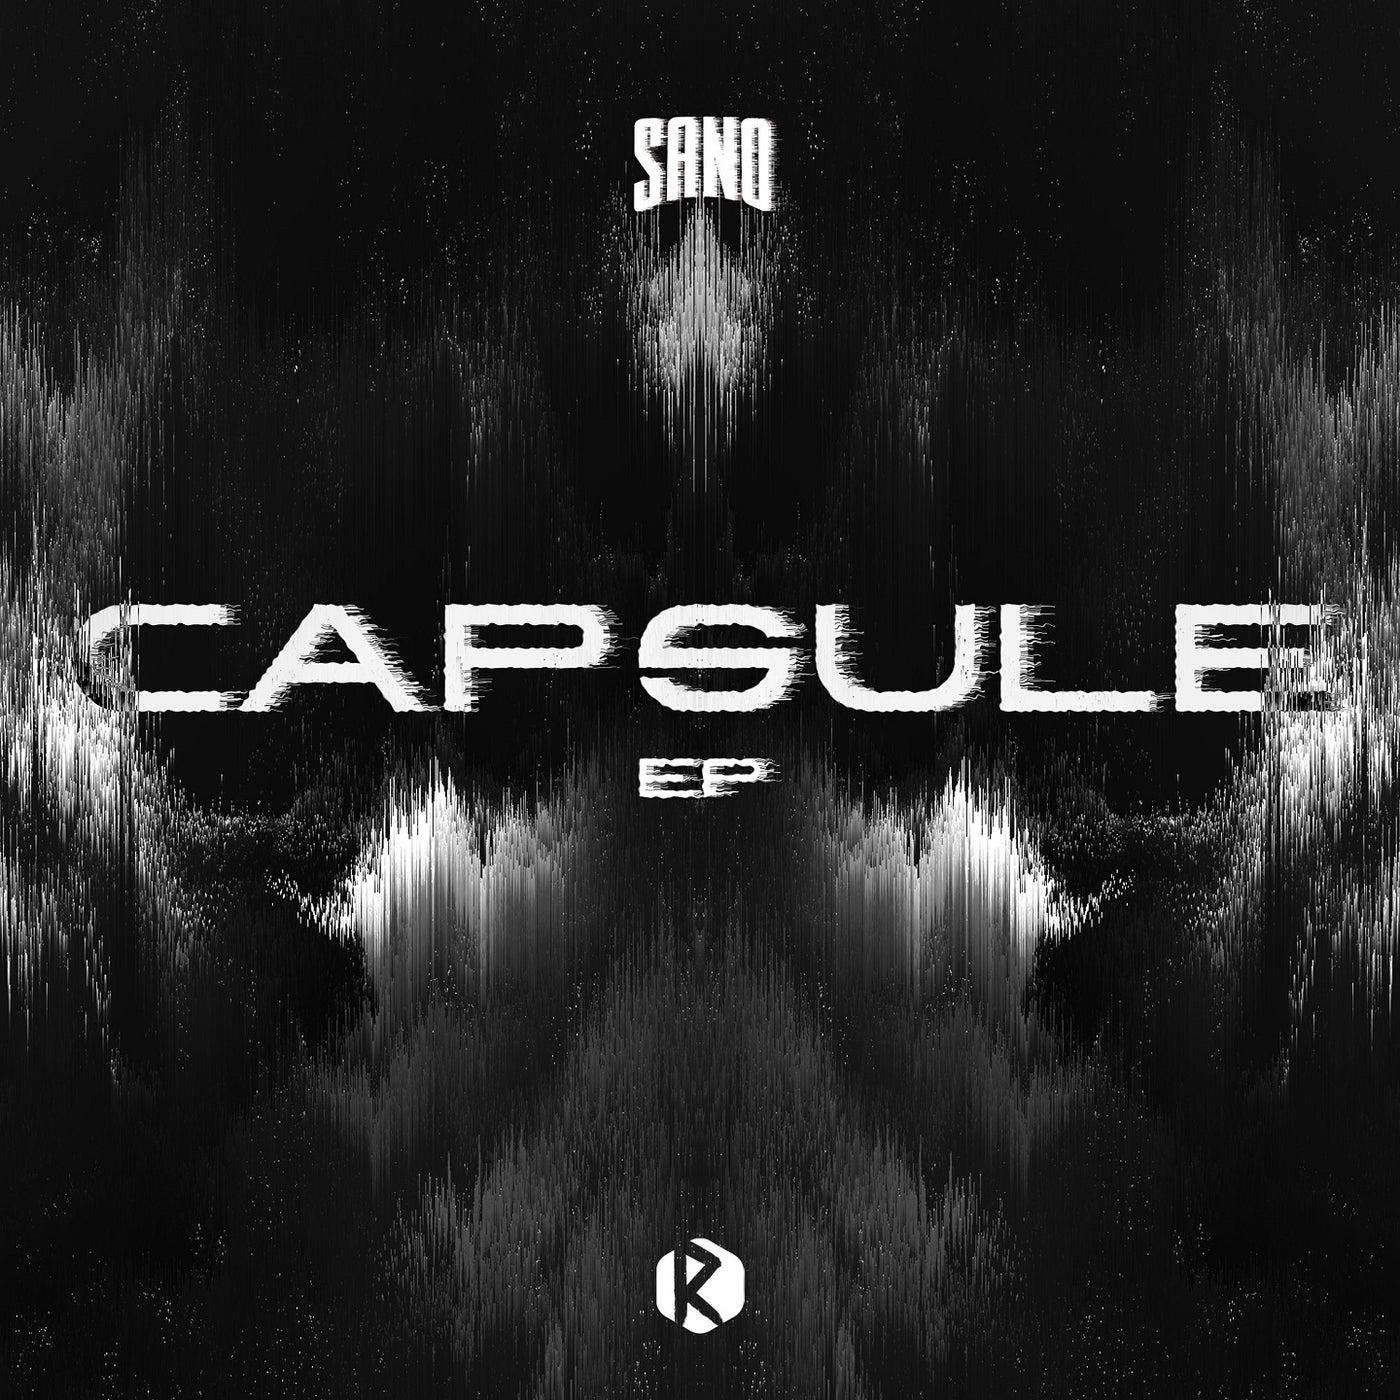 Arrival (Original Mix)